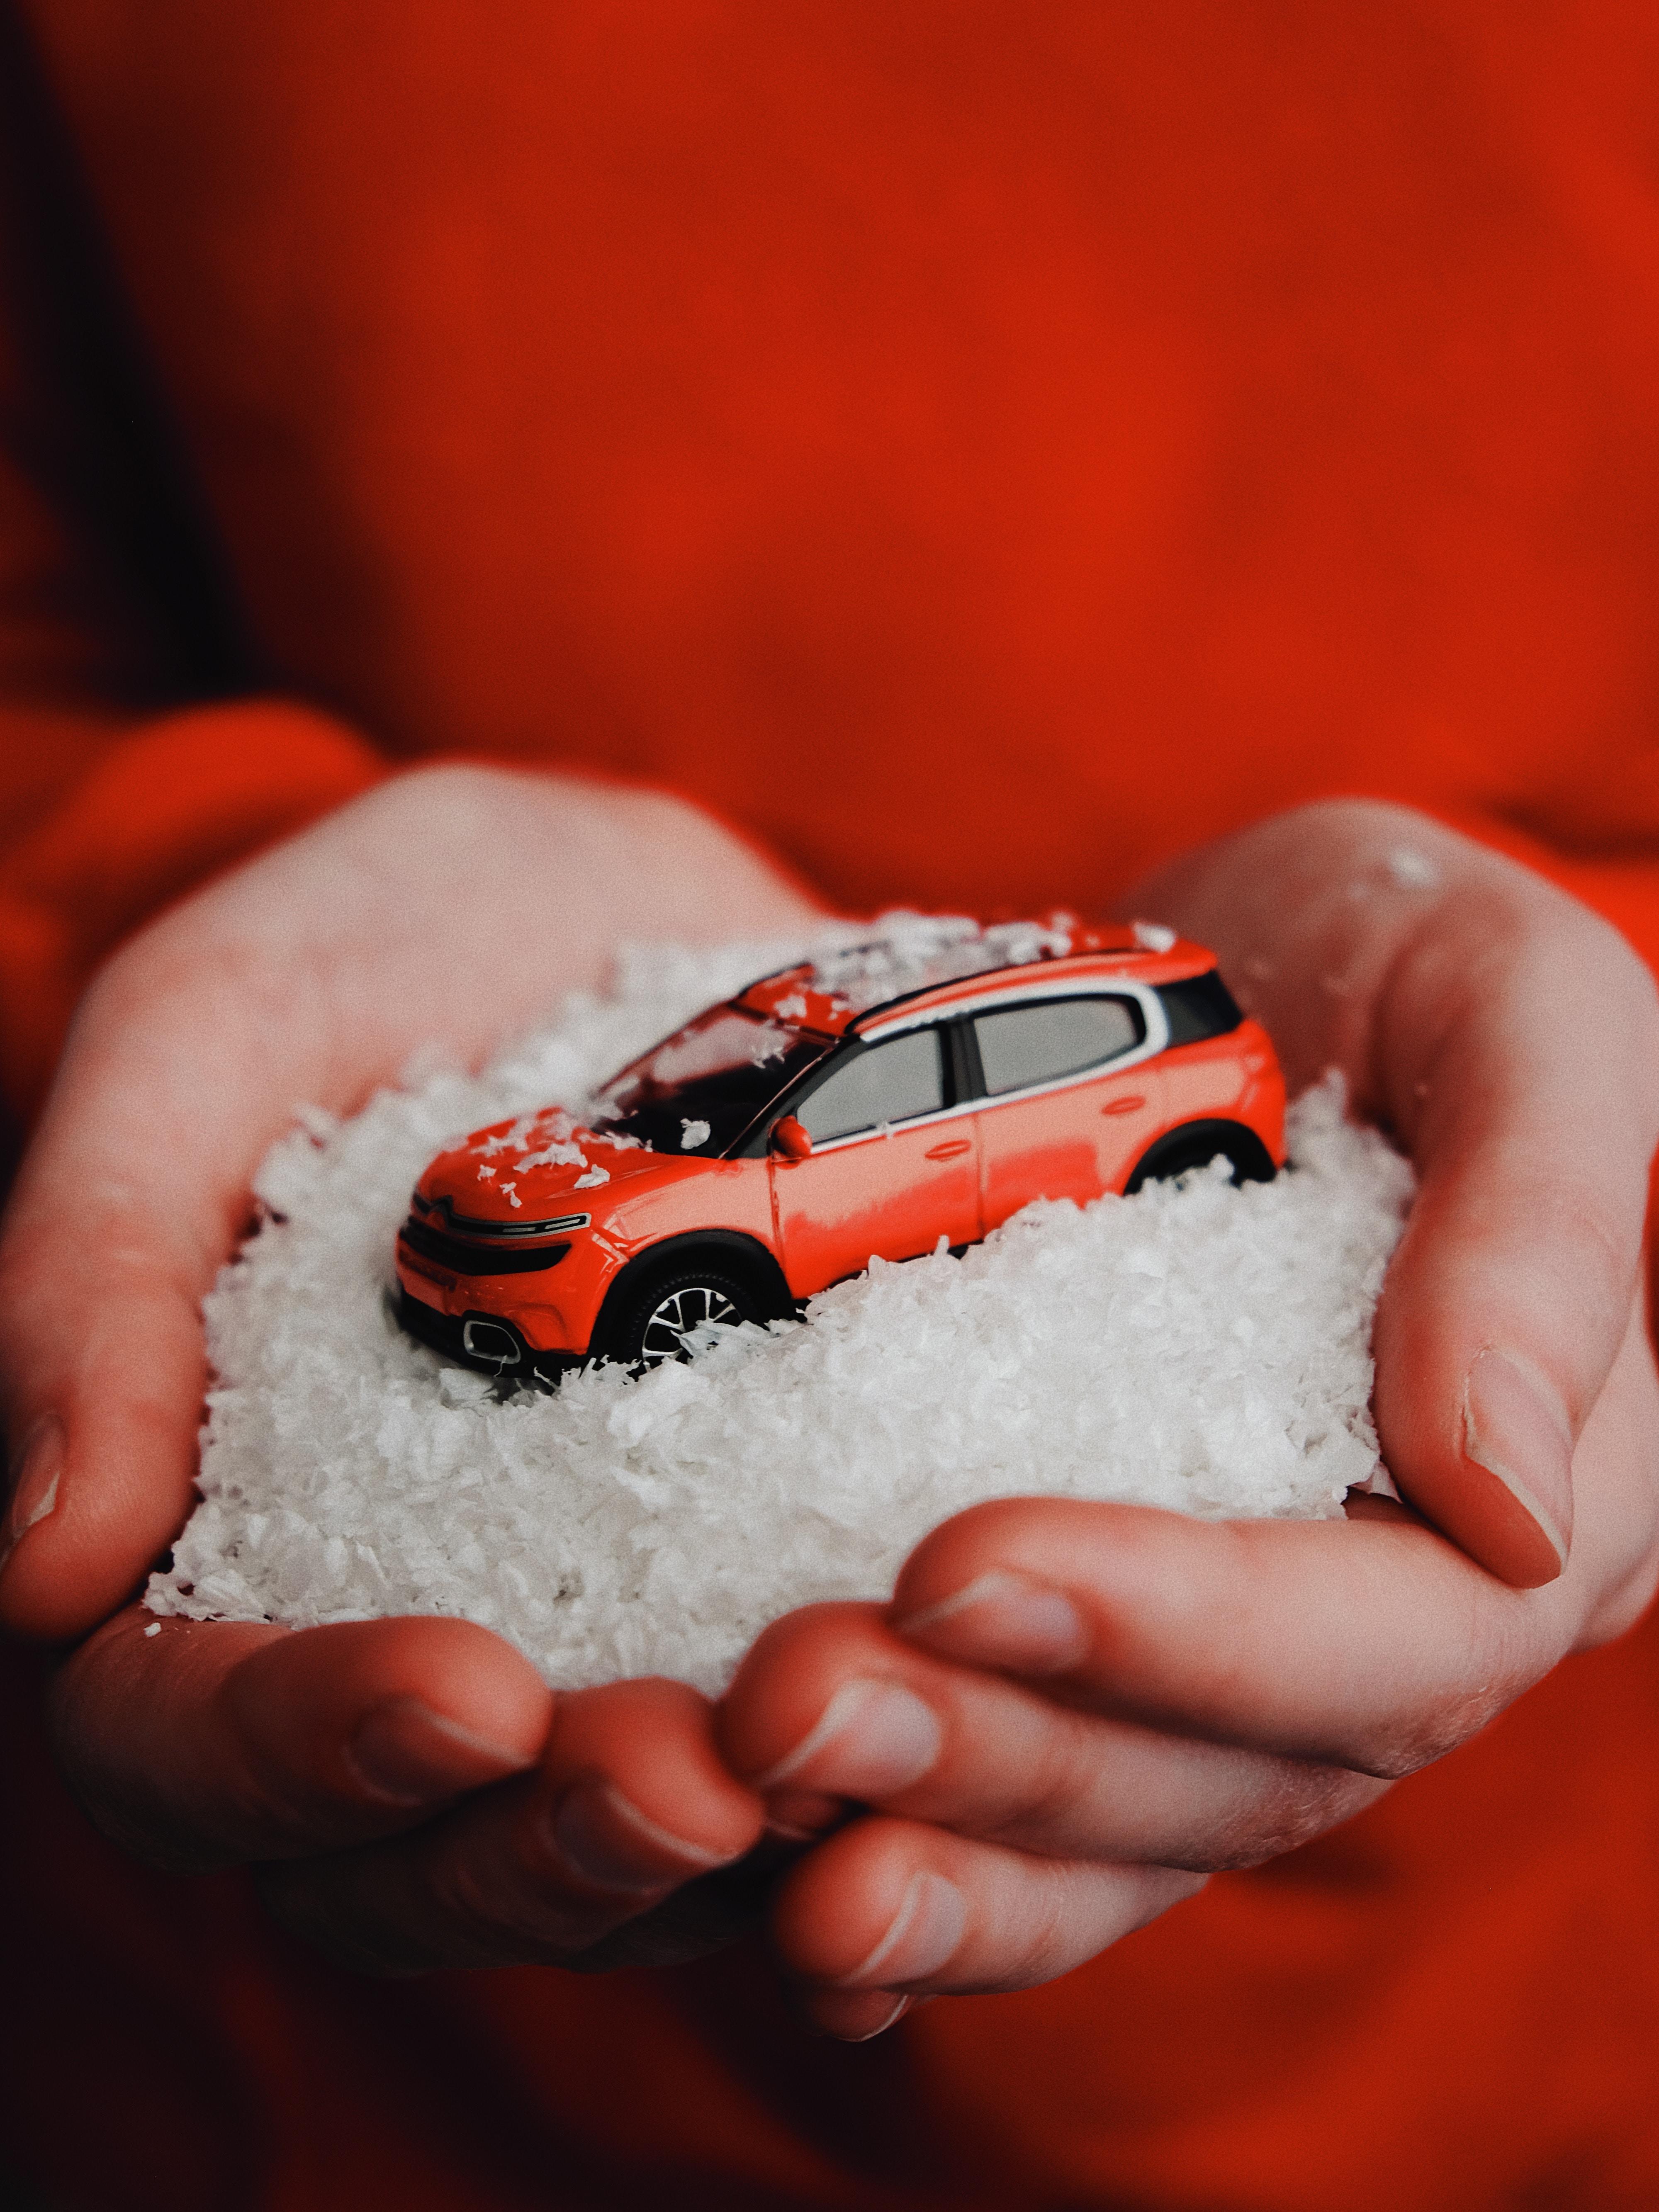 69545 скачать обои Разное, Машина, Красный, Снег, Игрушка, Руки - заставки и картинки бесплатно